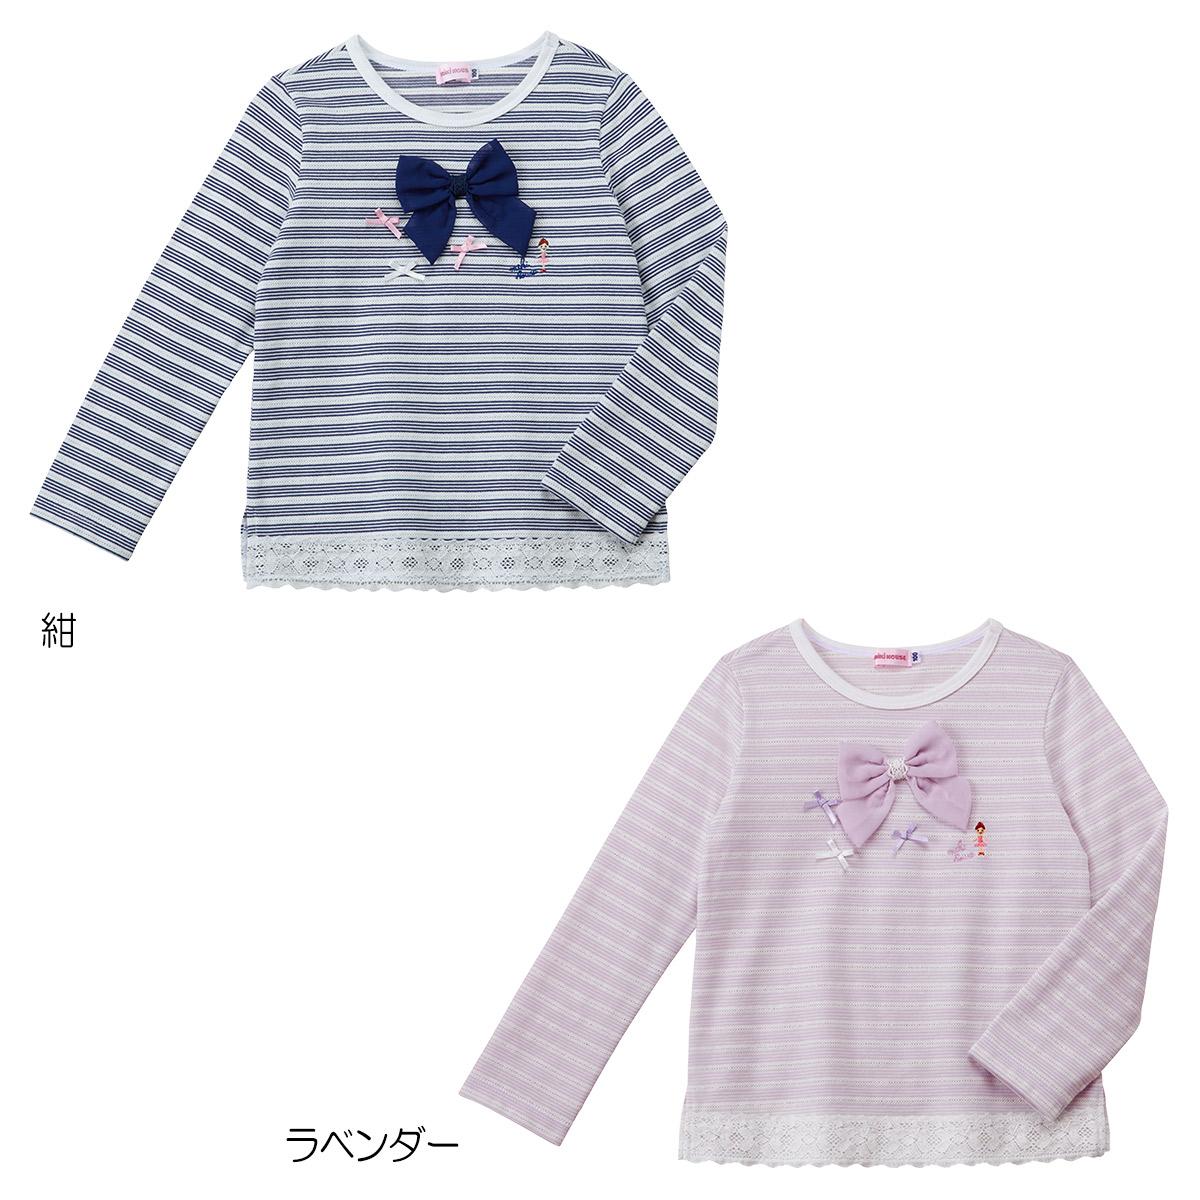 【アウトレット】ミキハウス mikihouse リーナちゃんラメボーダー長袖Tシャツ(110cm・120cm・130cm・140cm) 女の子